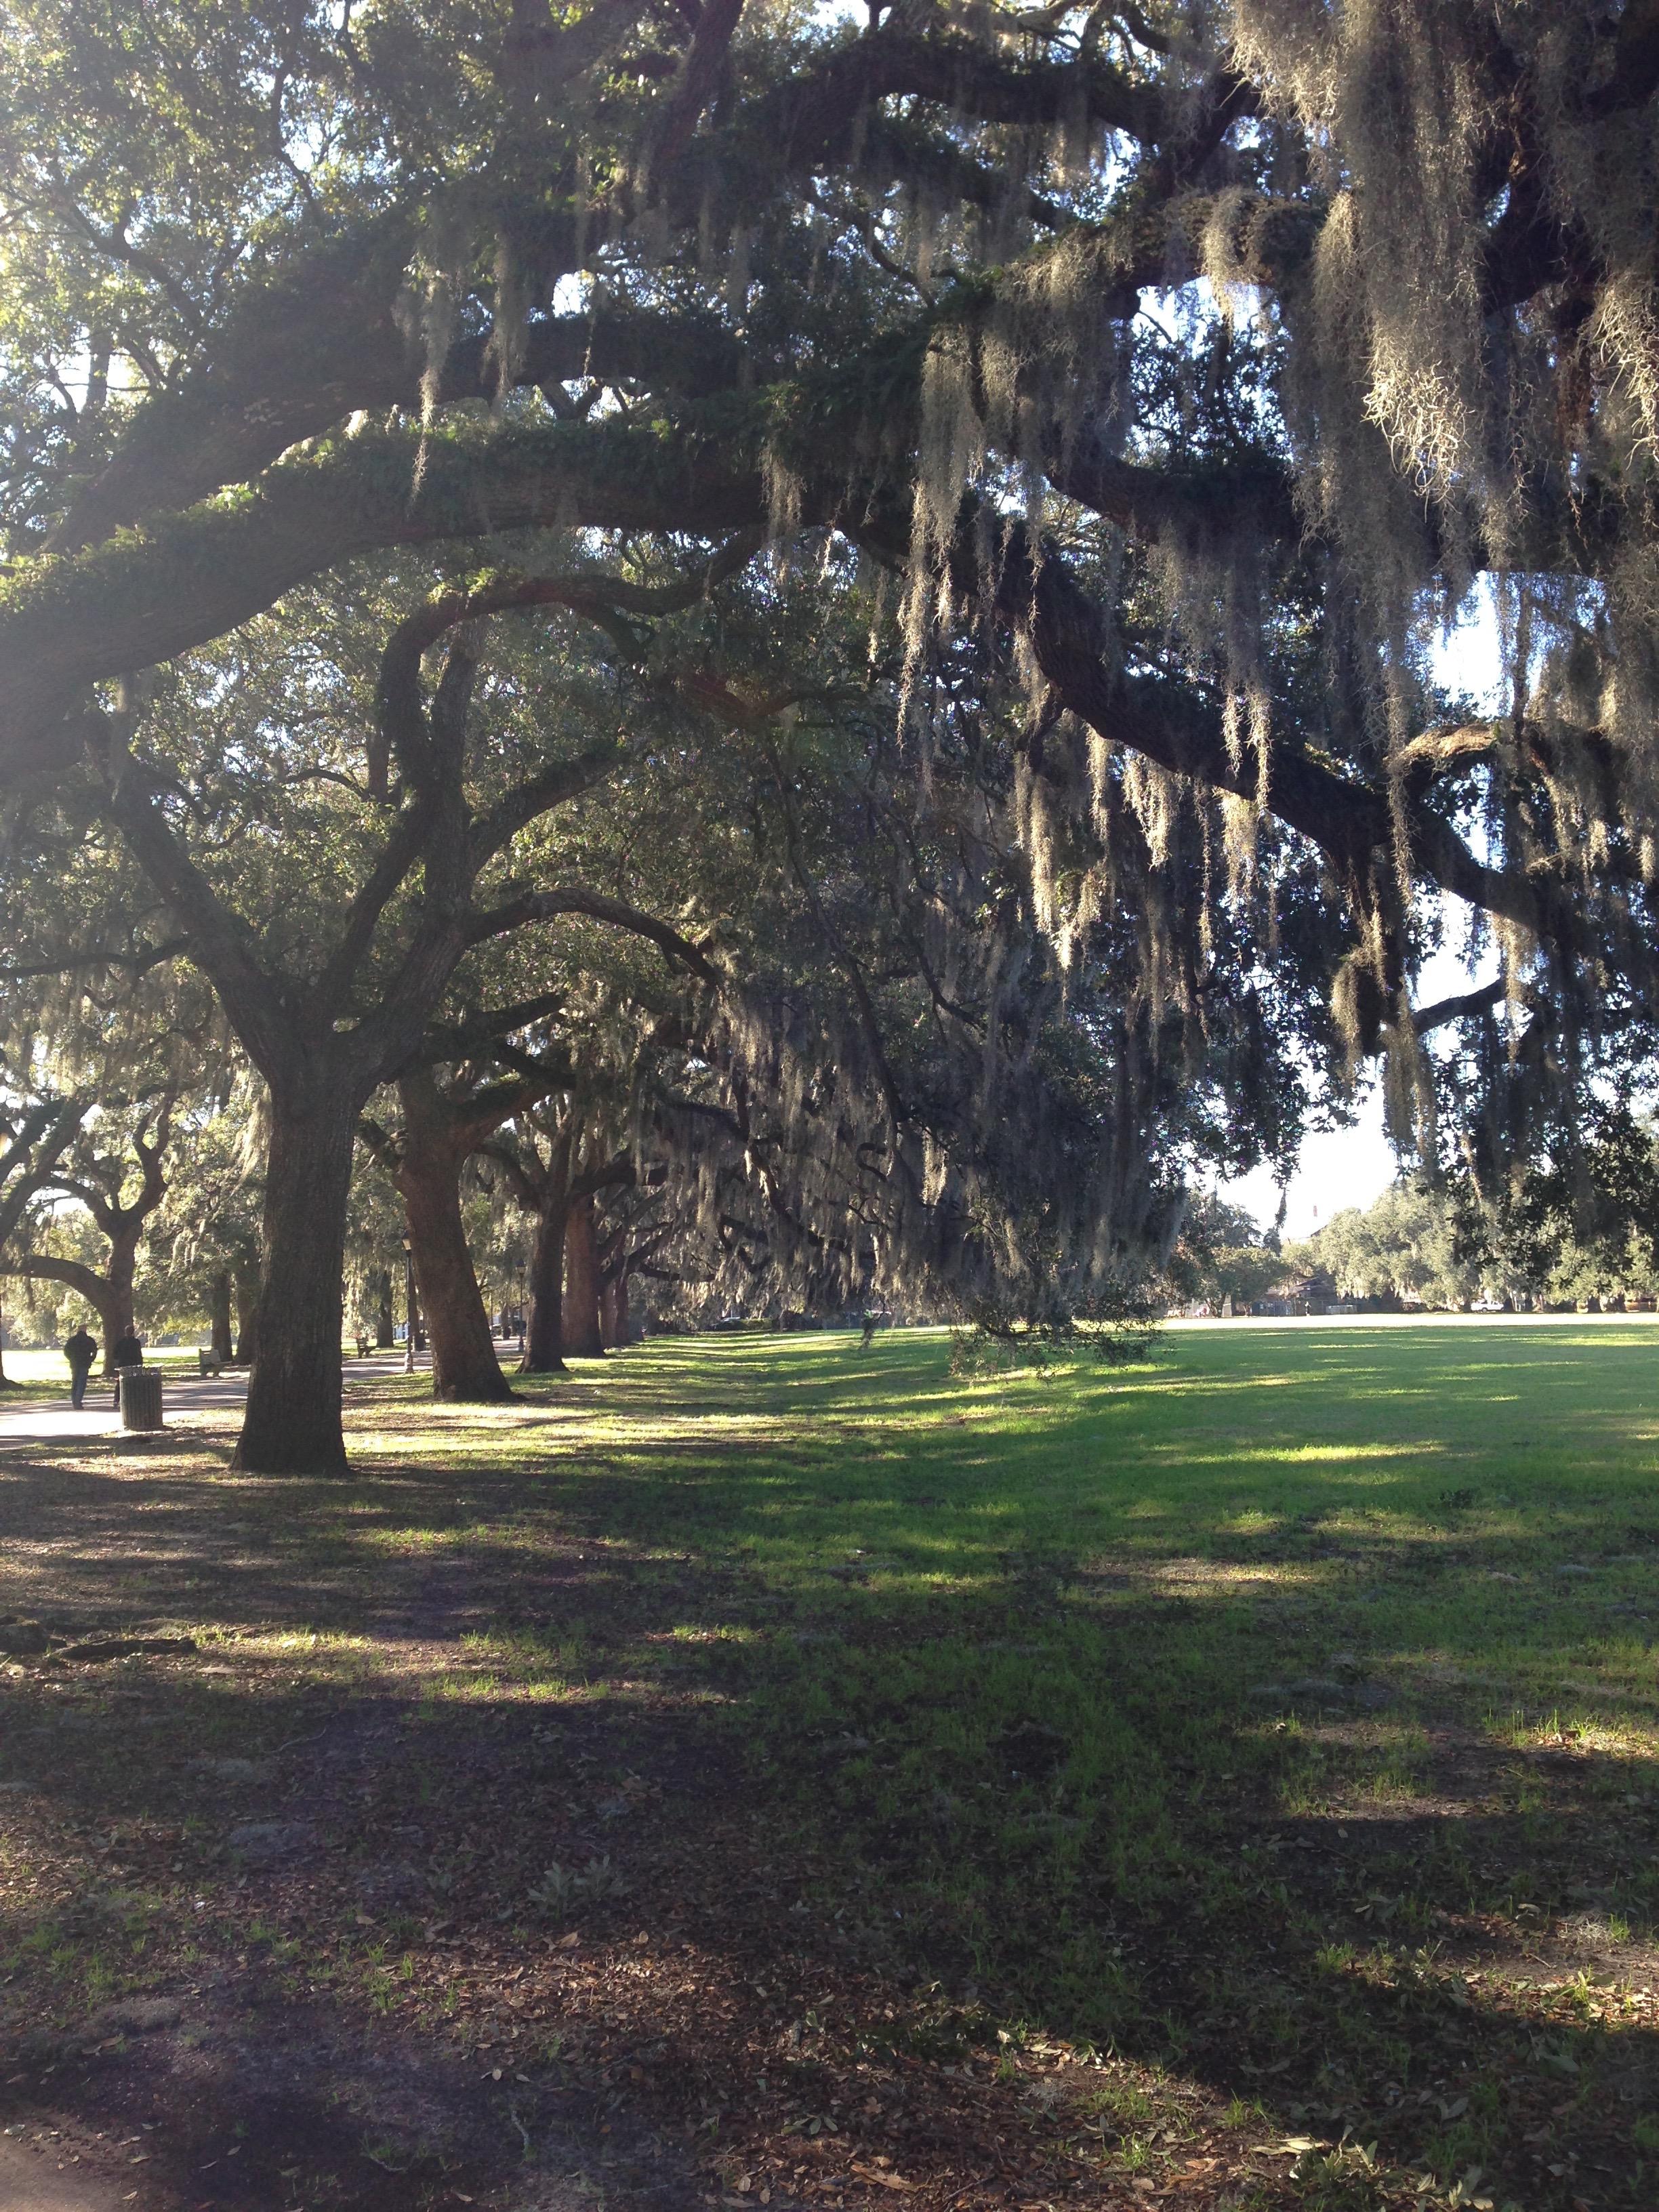 Iconic live oak trees.